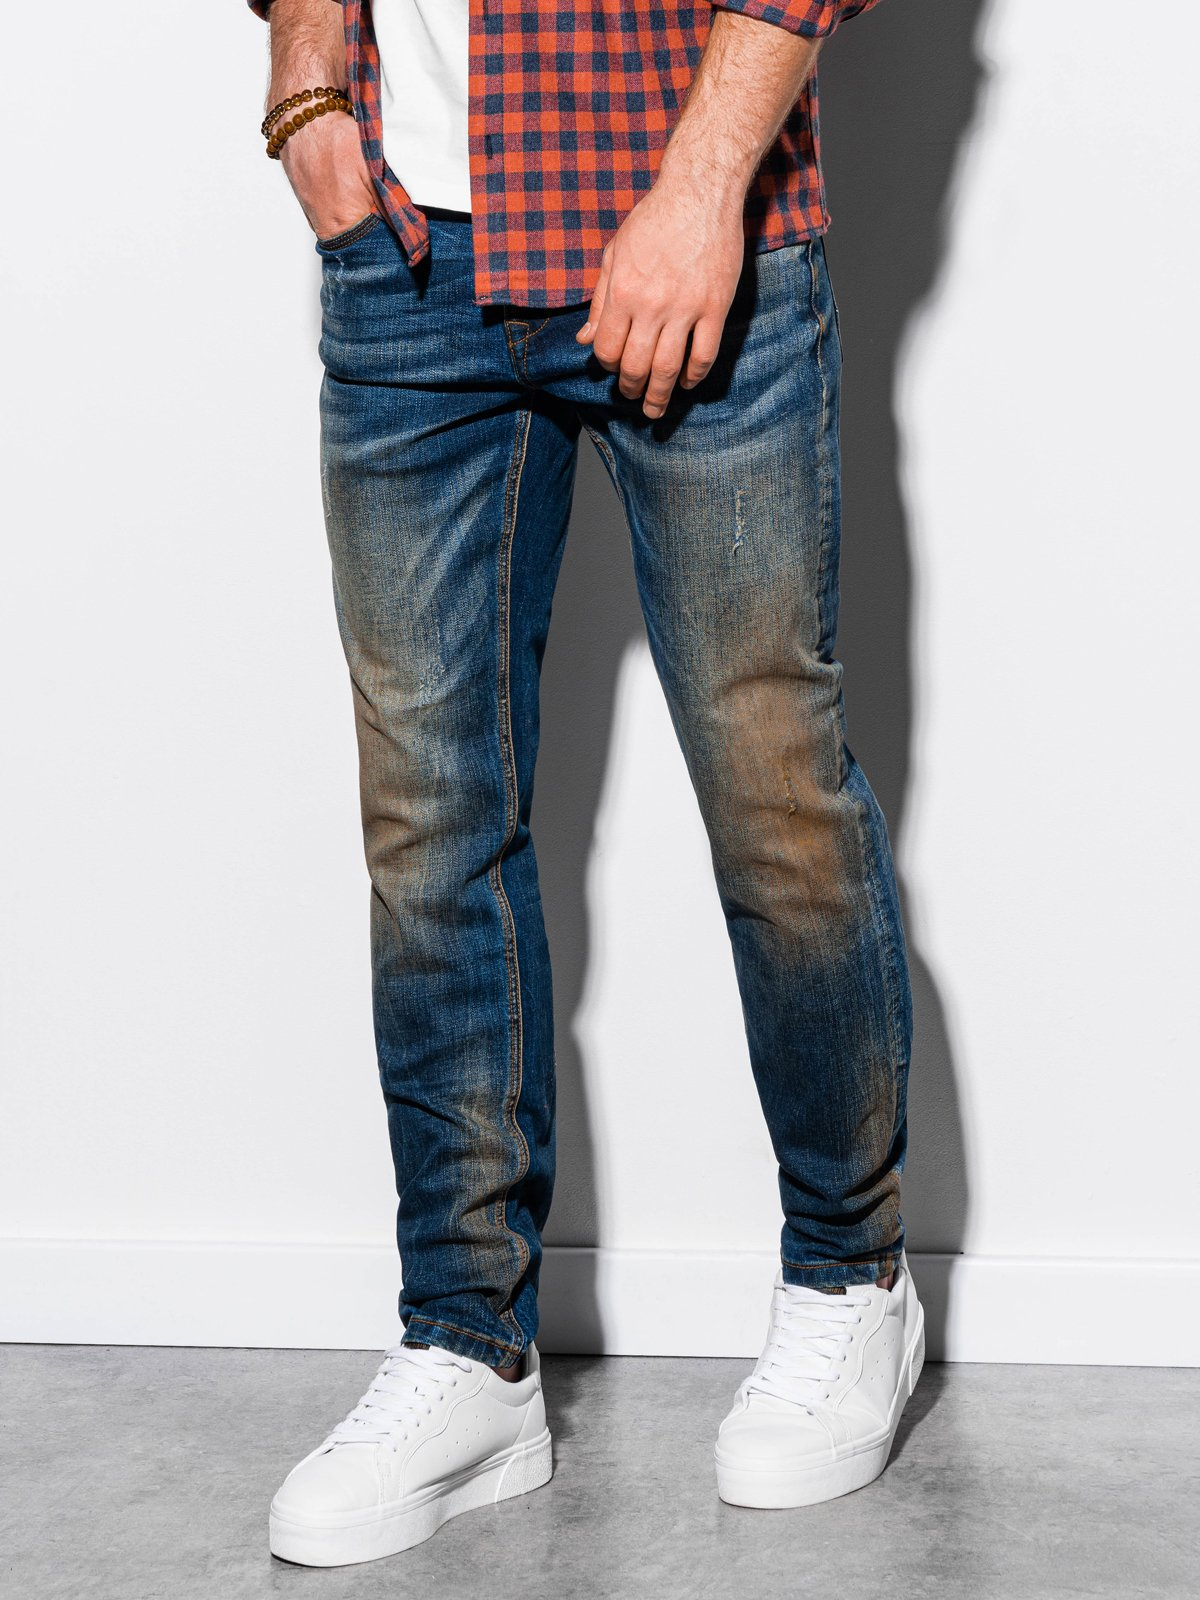 Spodnie męskie jeansowe P860 - niebieskie